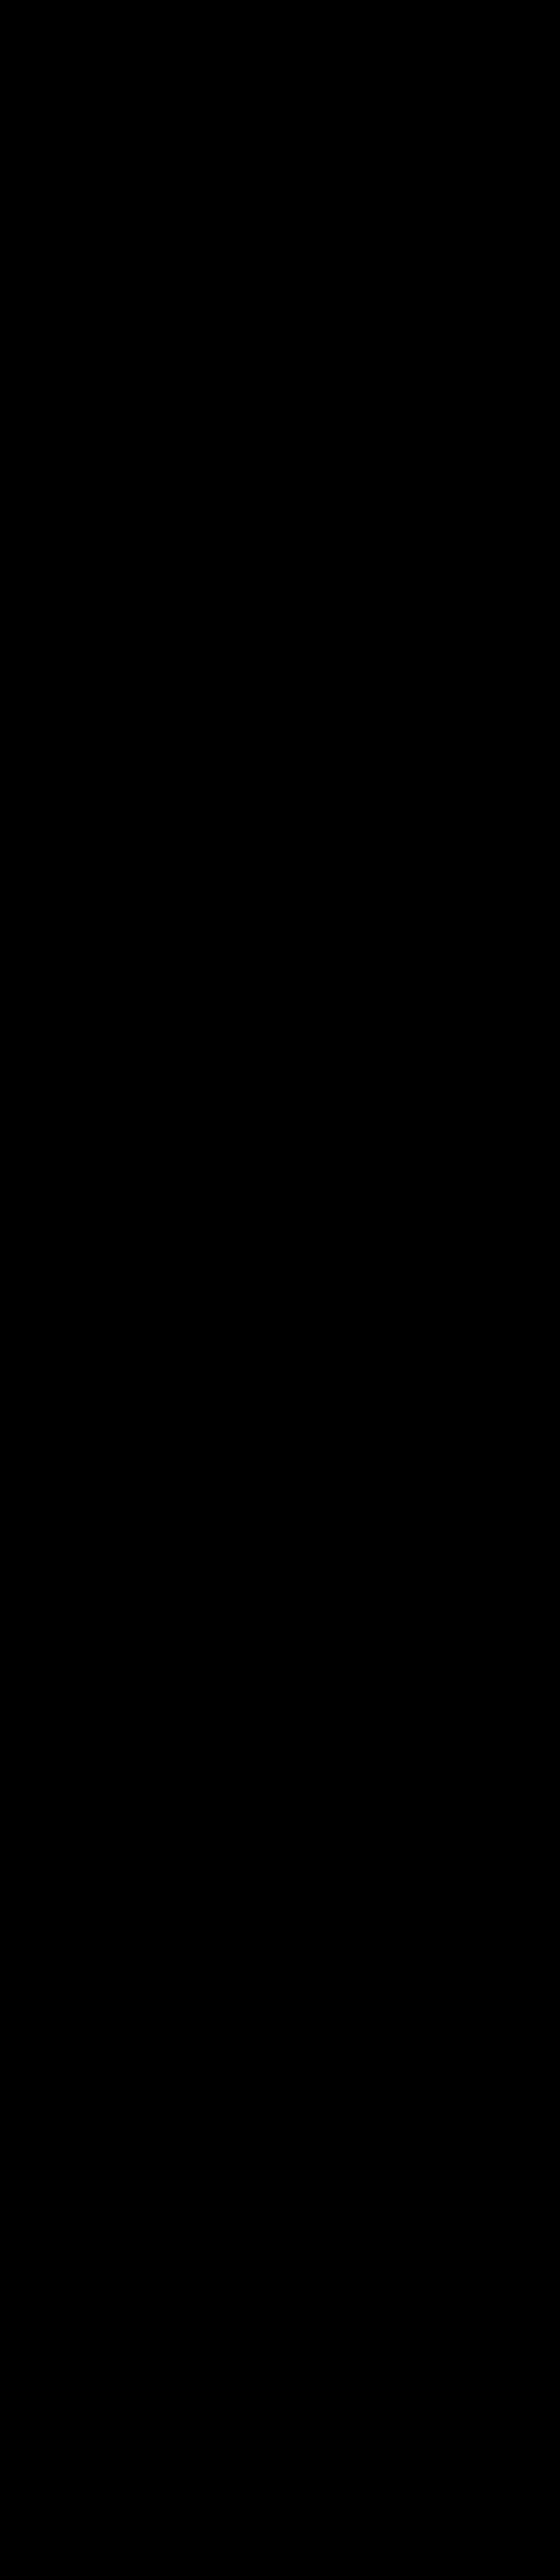 kebob